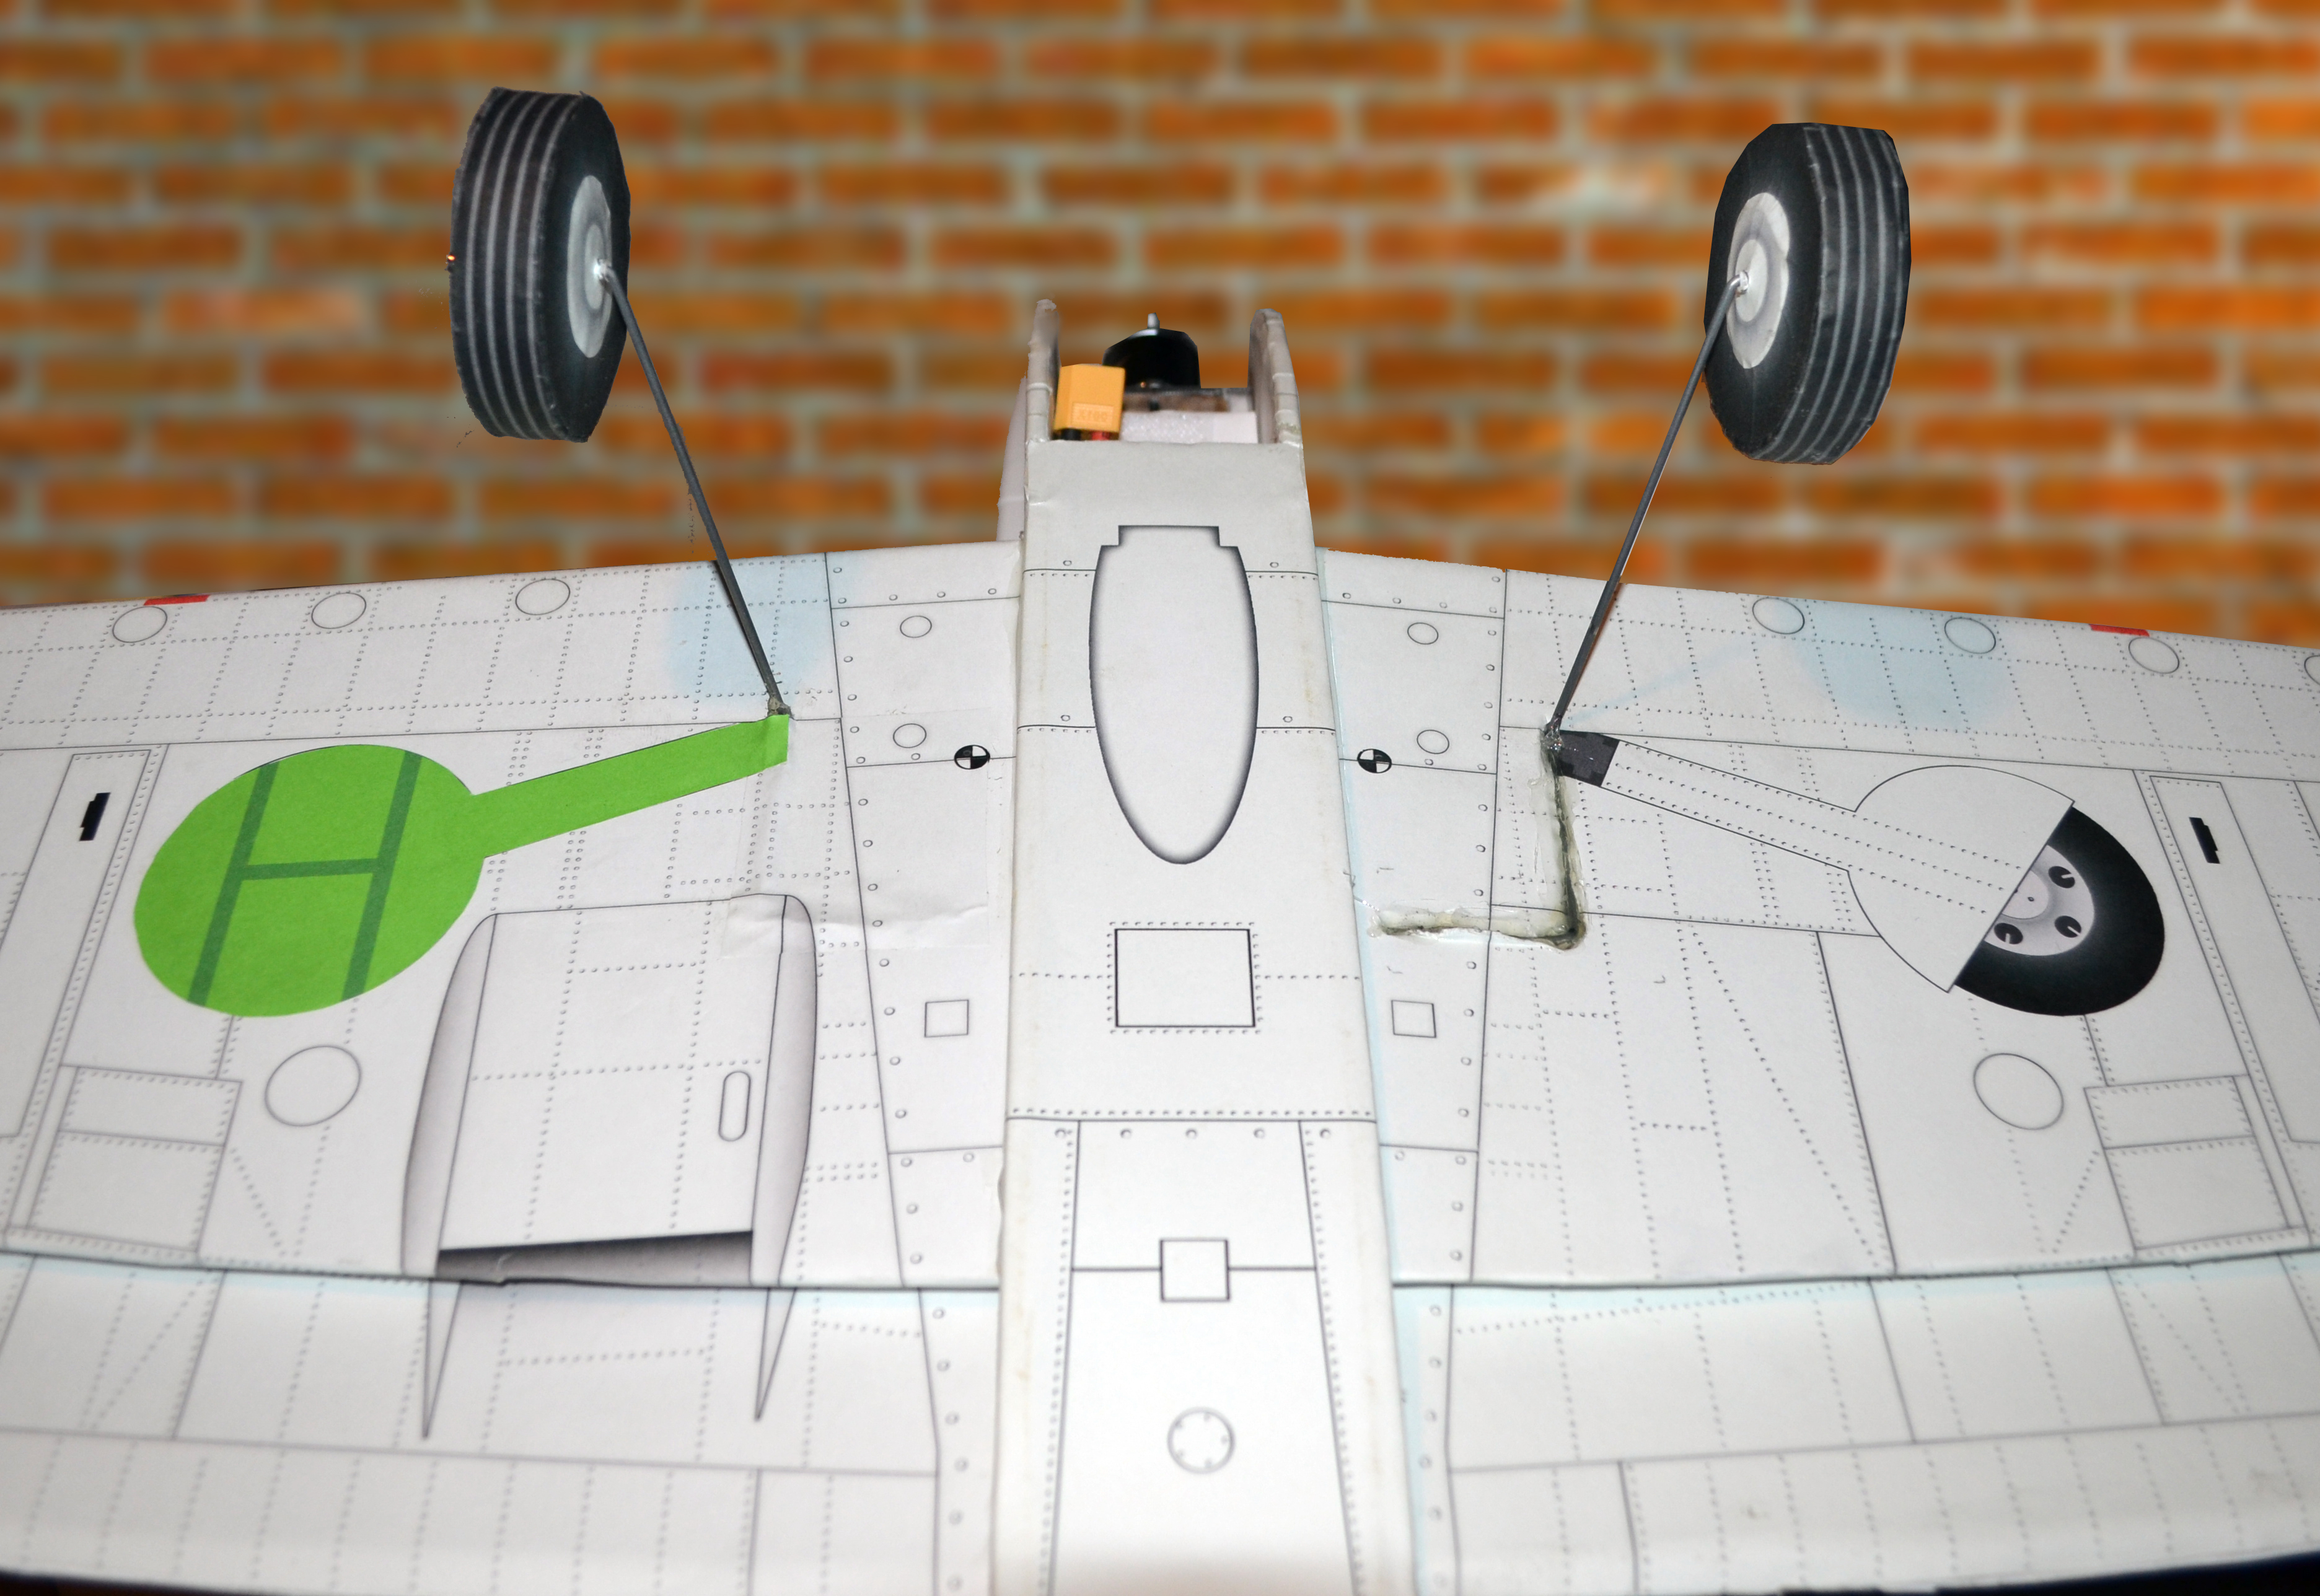 Landing gear.jpg